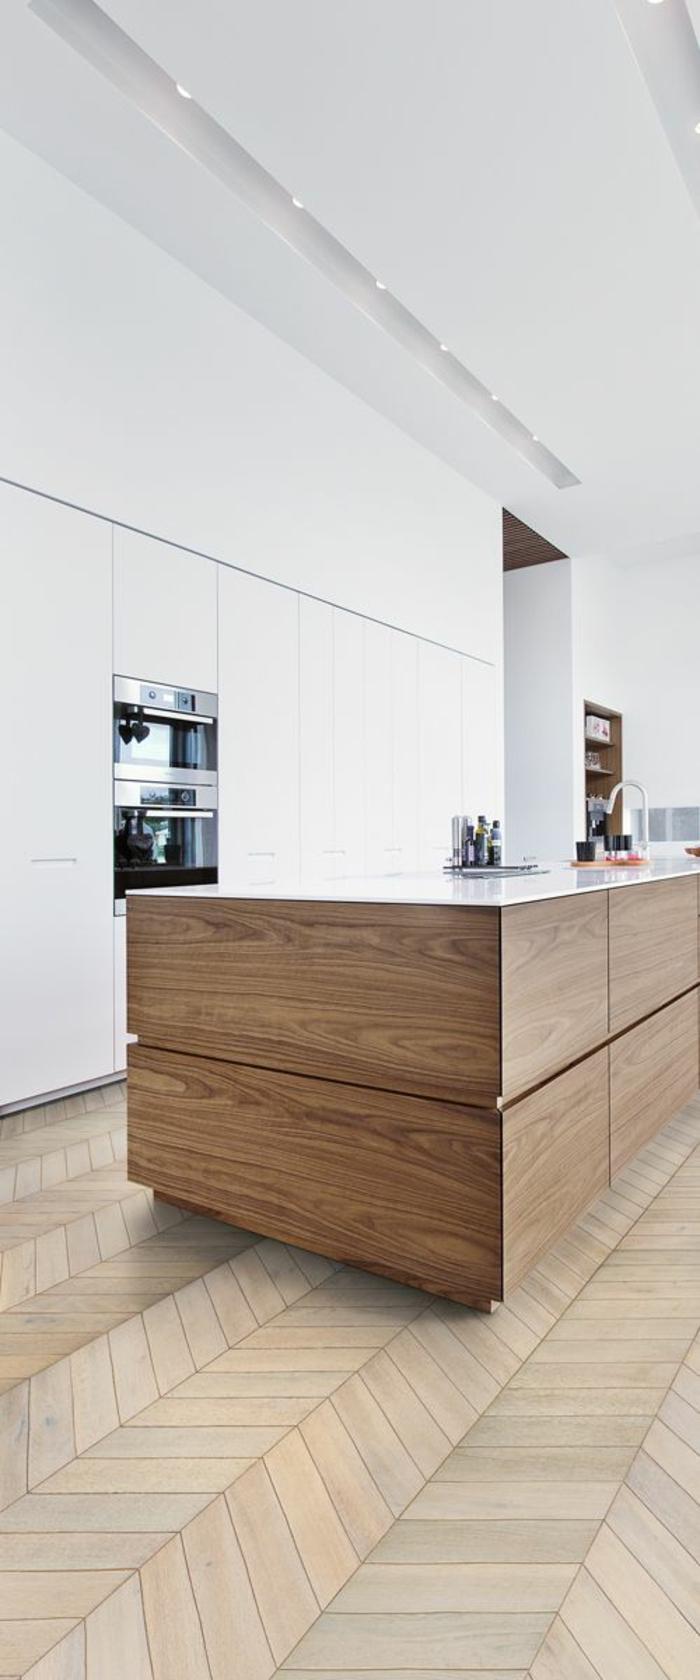 1001 id es pour une cuisine laqu e blanche des - Cuisine blanche et marron ...